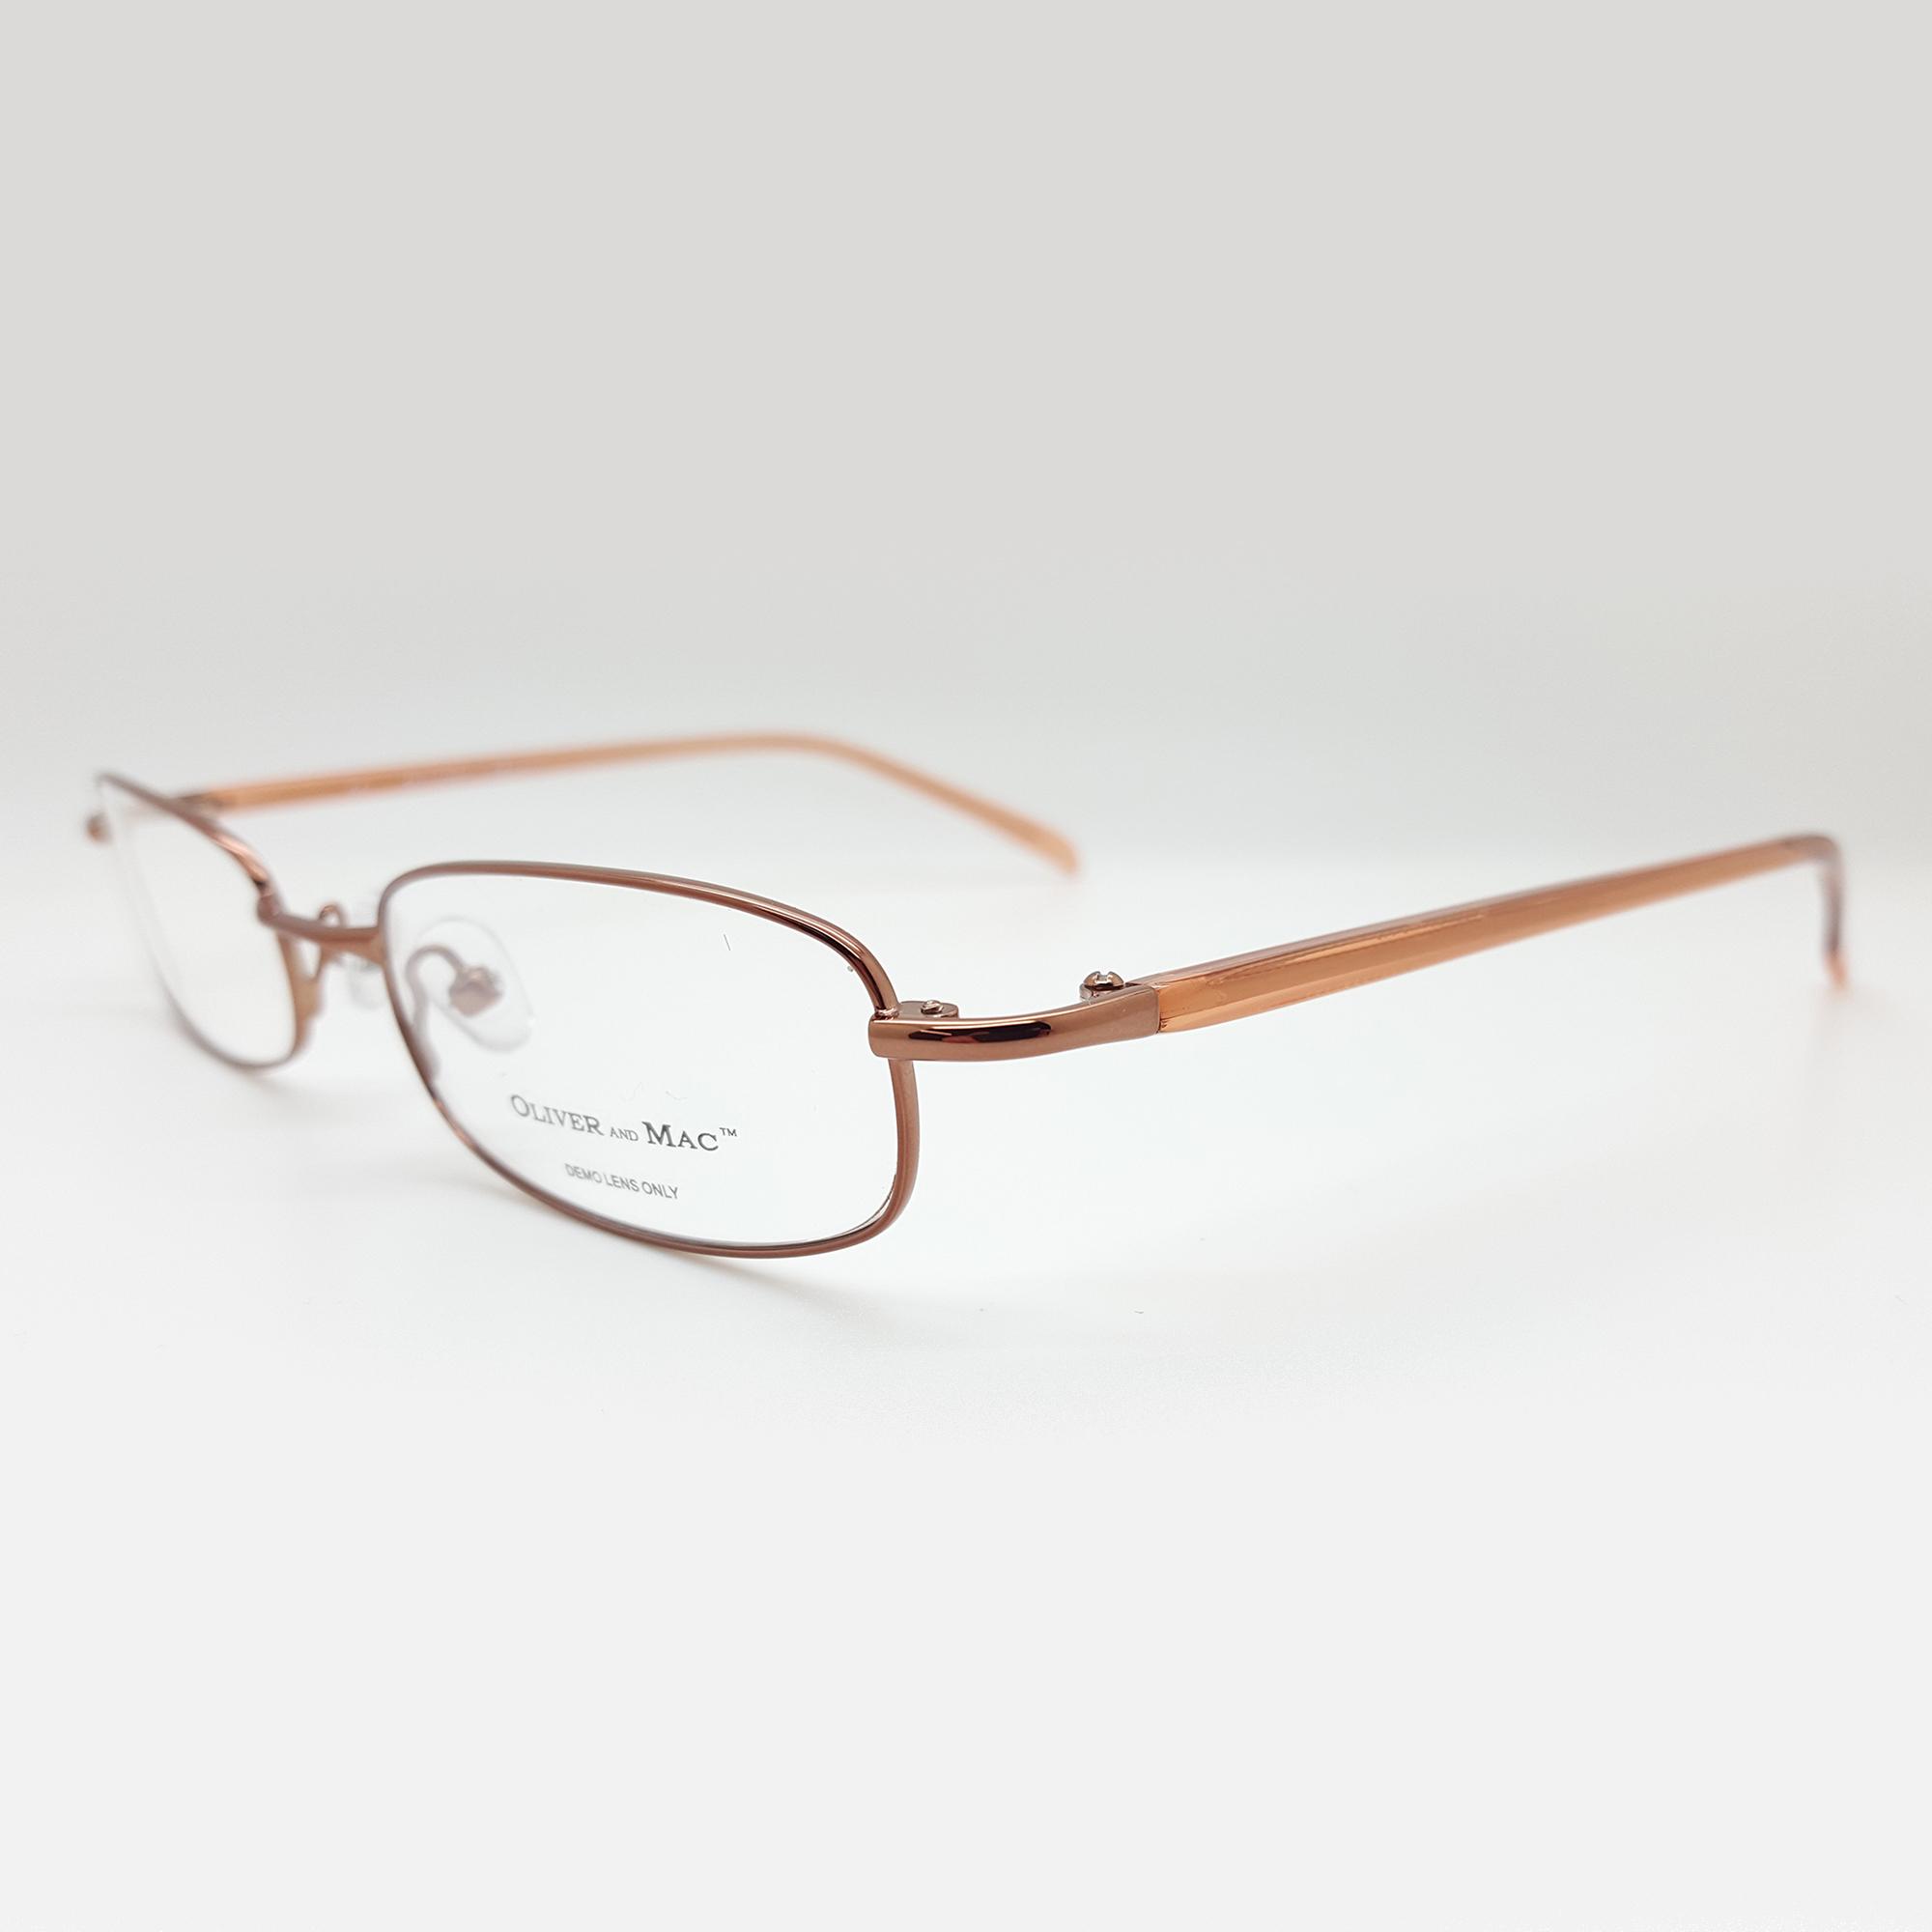 c6a1c25f6aa3 Oliver-And-Mac-Andover-Eyeglasses-Prescription-Frames-52-